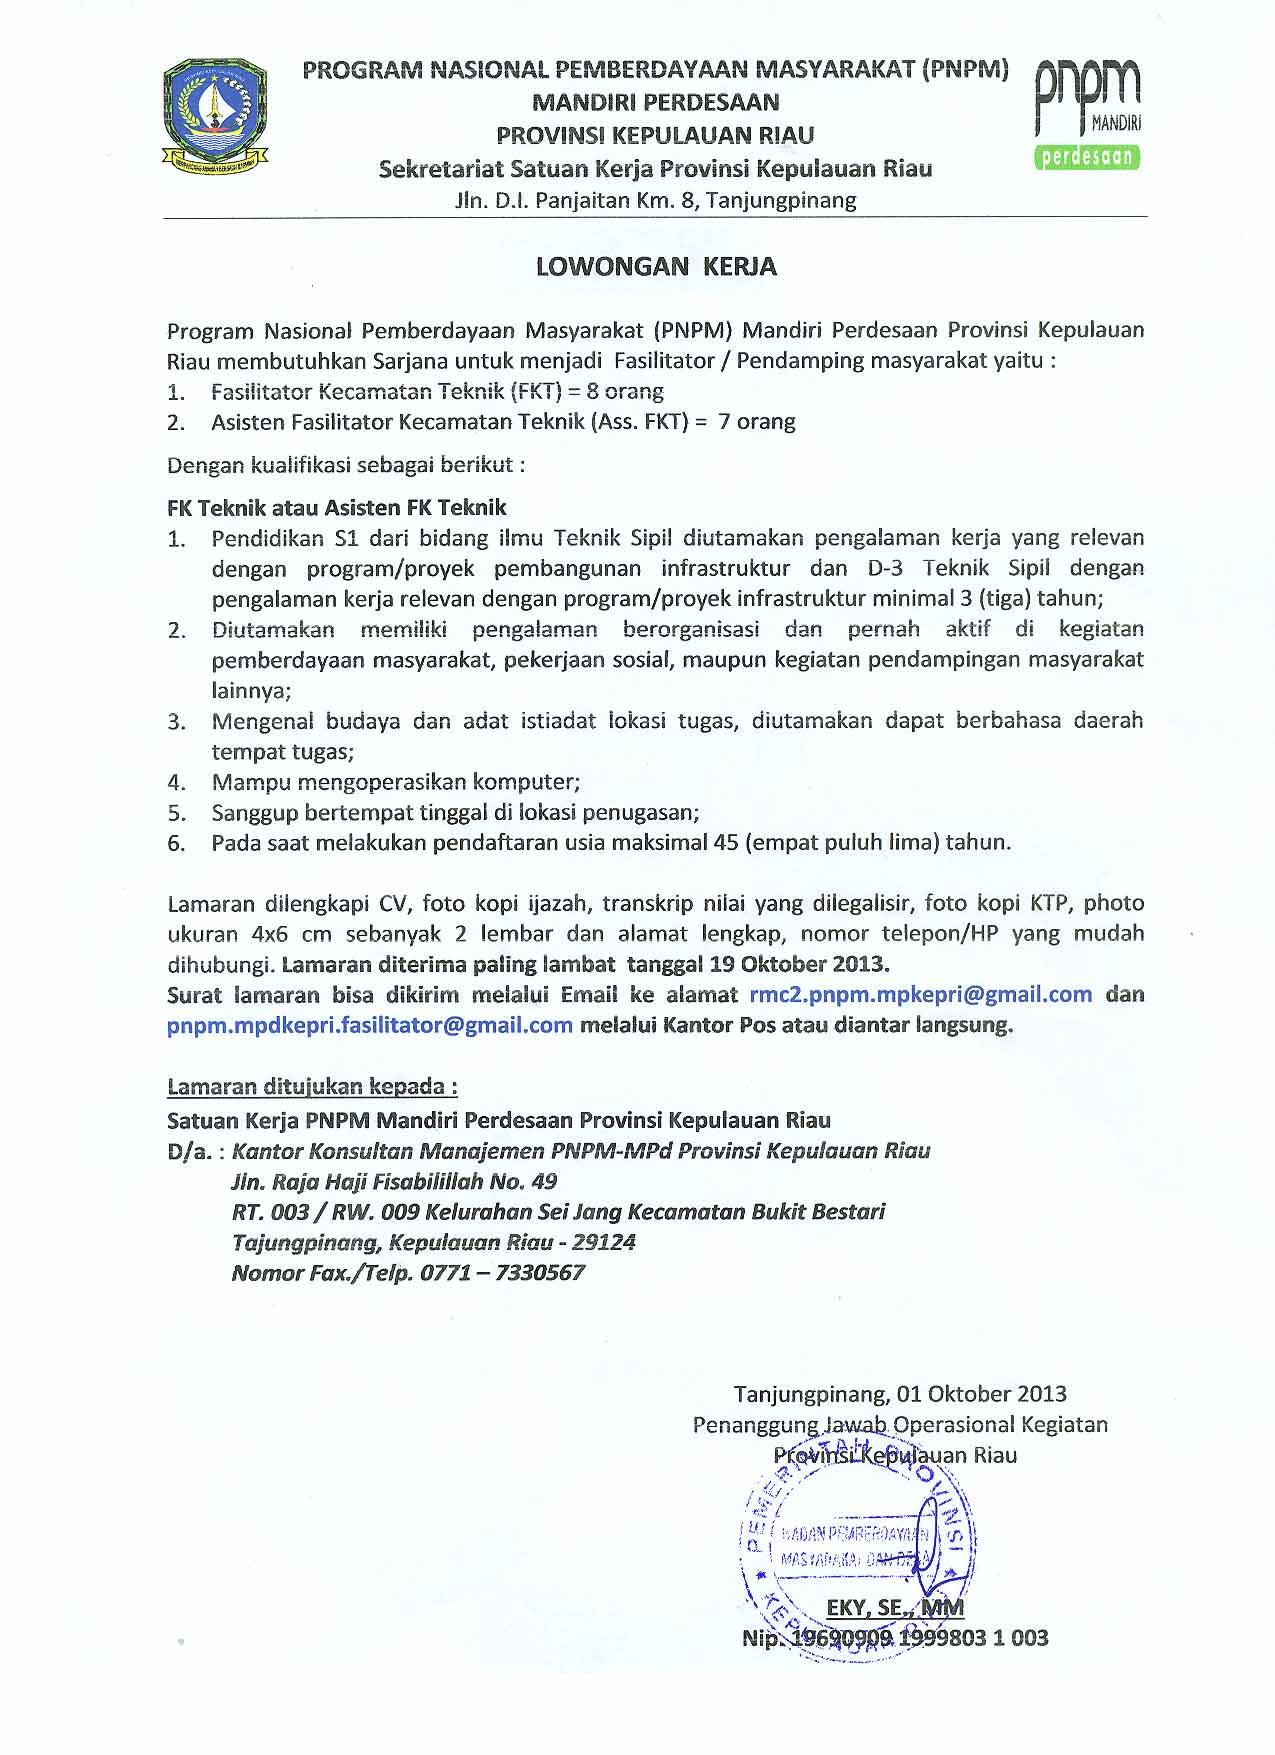 Info Lowongan Kerja Di Kediri Info Lowongan Kerja Terbaru Uptodate Beritakarir Lowongan Kerja Indonesia 2014 Senimediakomunikasi Info Lowongan